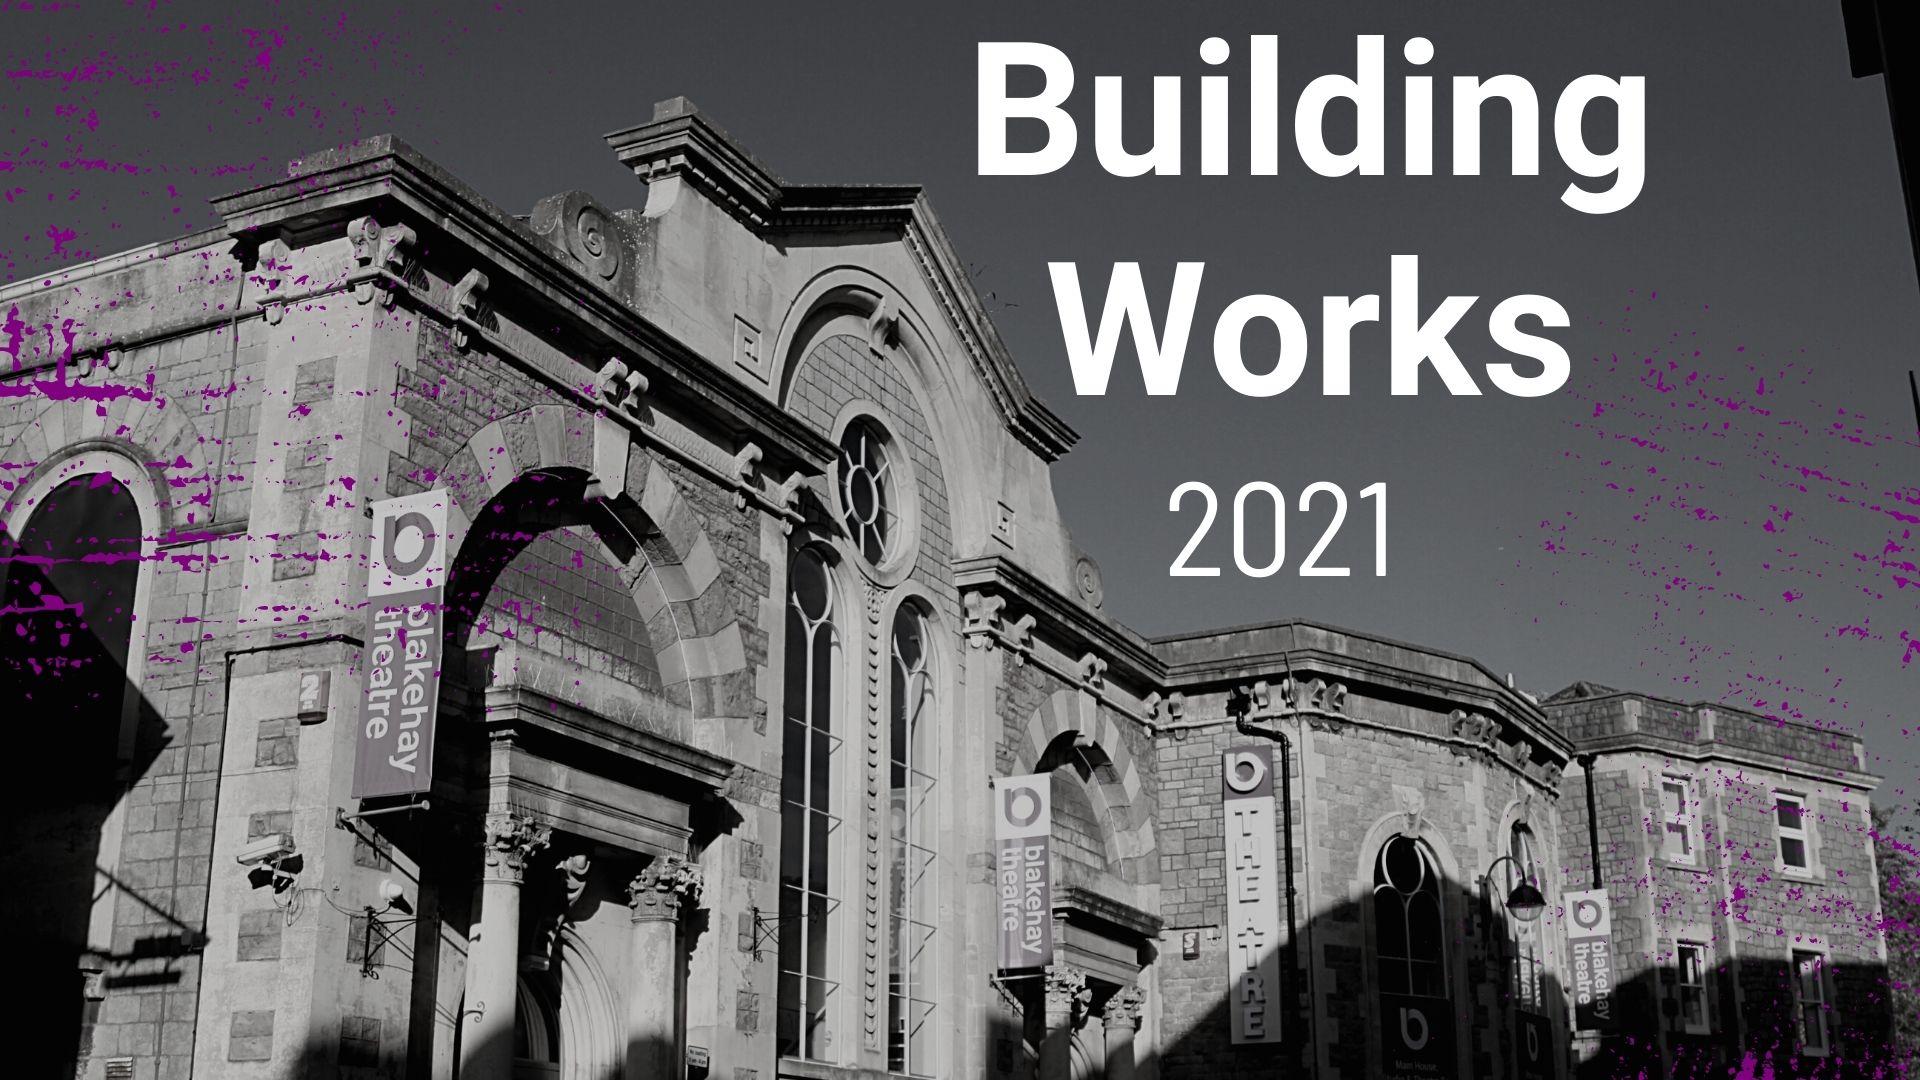 Building Works Blog Post